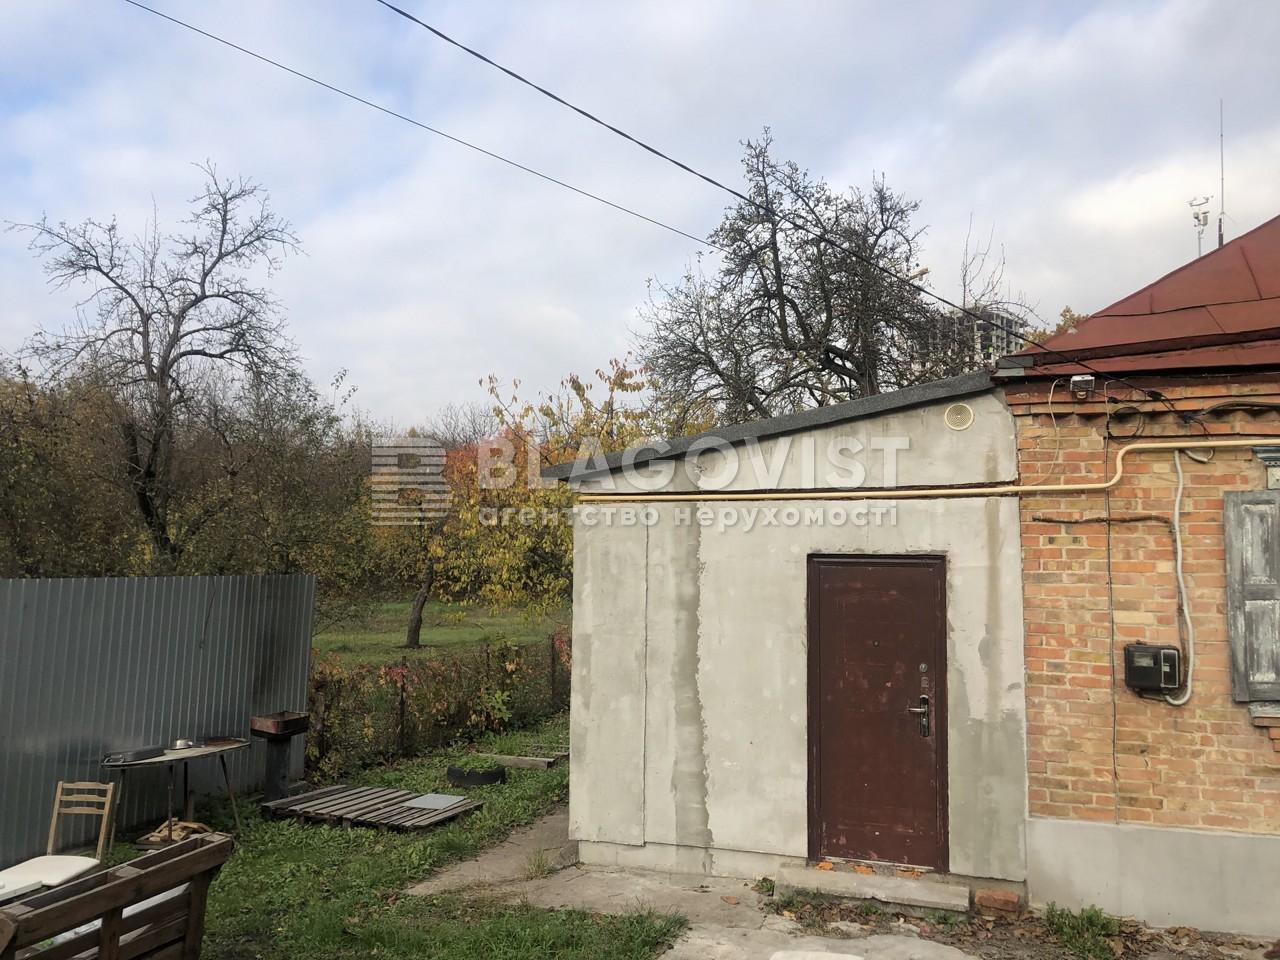 Земельный участок R-36199, Чабановская, Киев - Фото 3